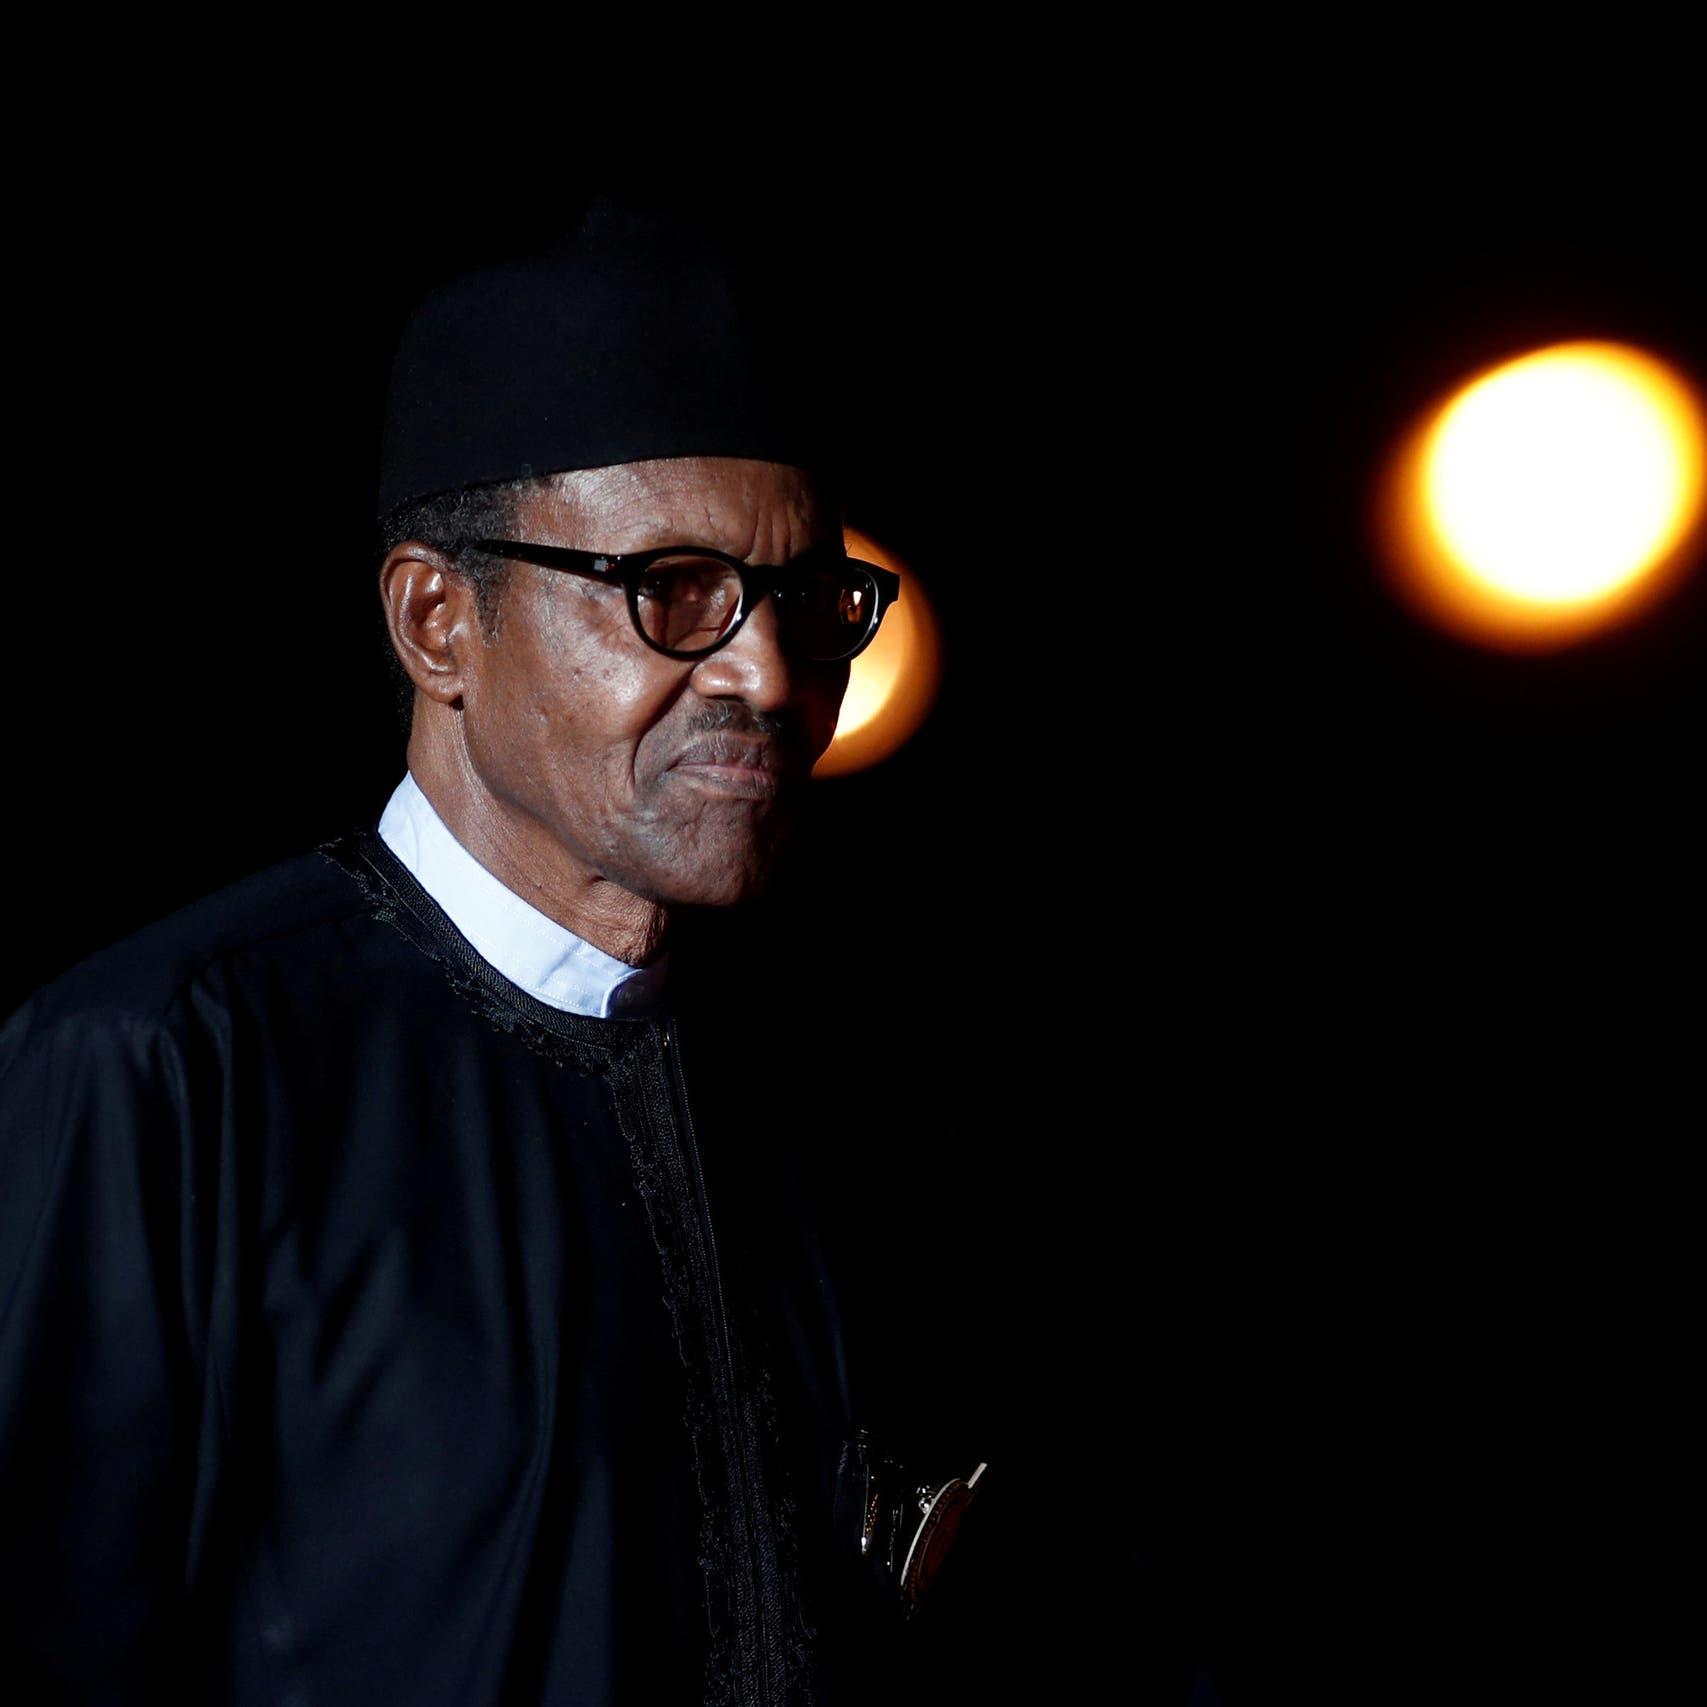 رئيس نيجيريا يرد على مزاعم